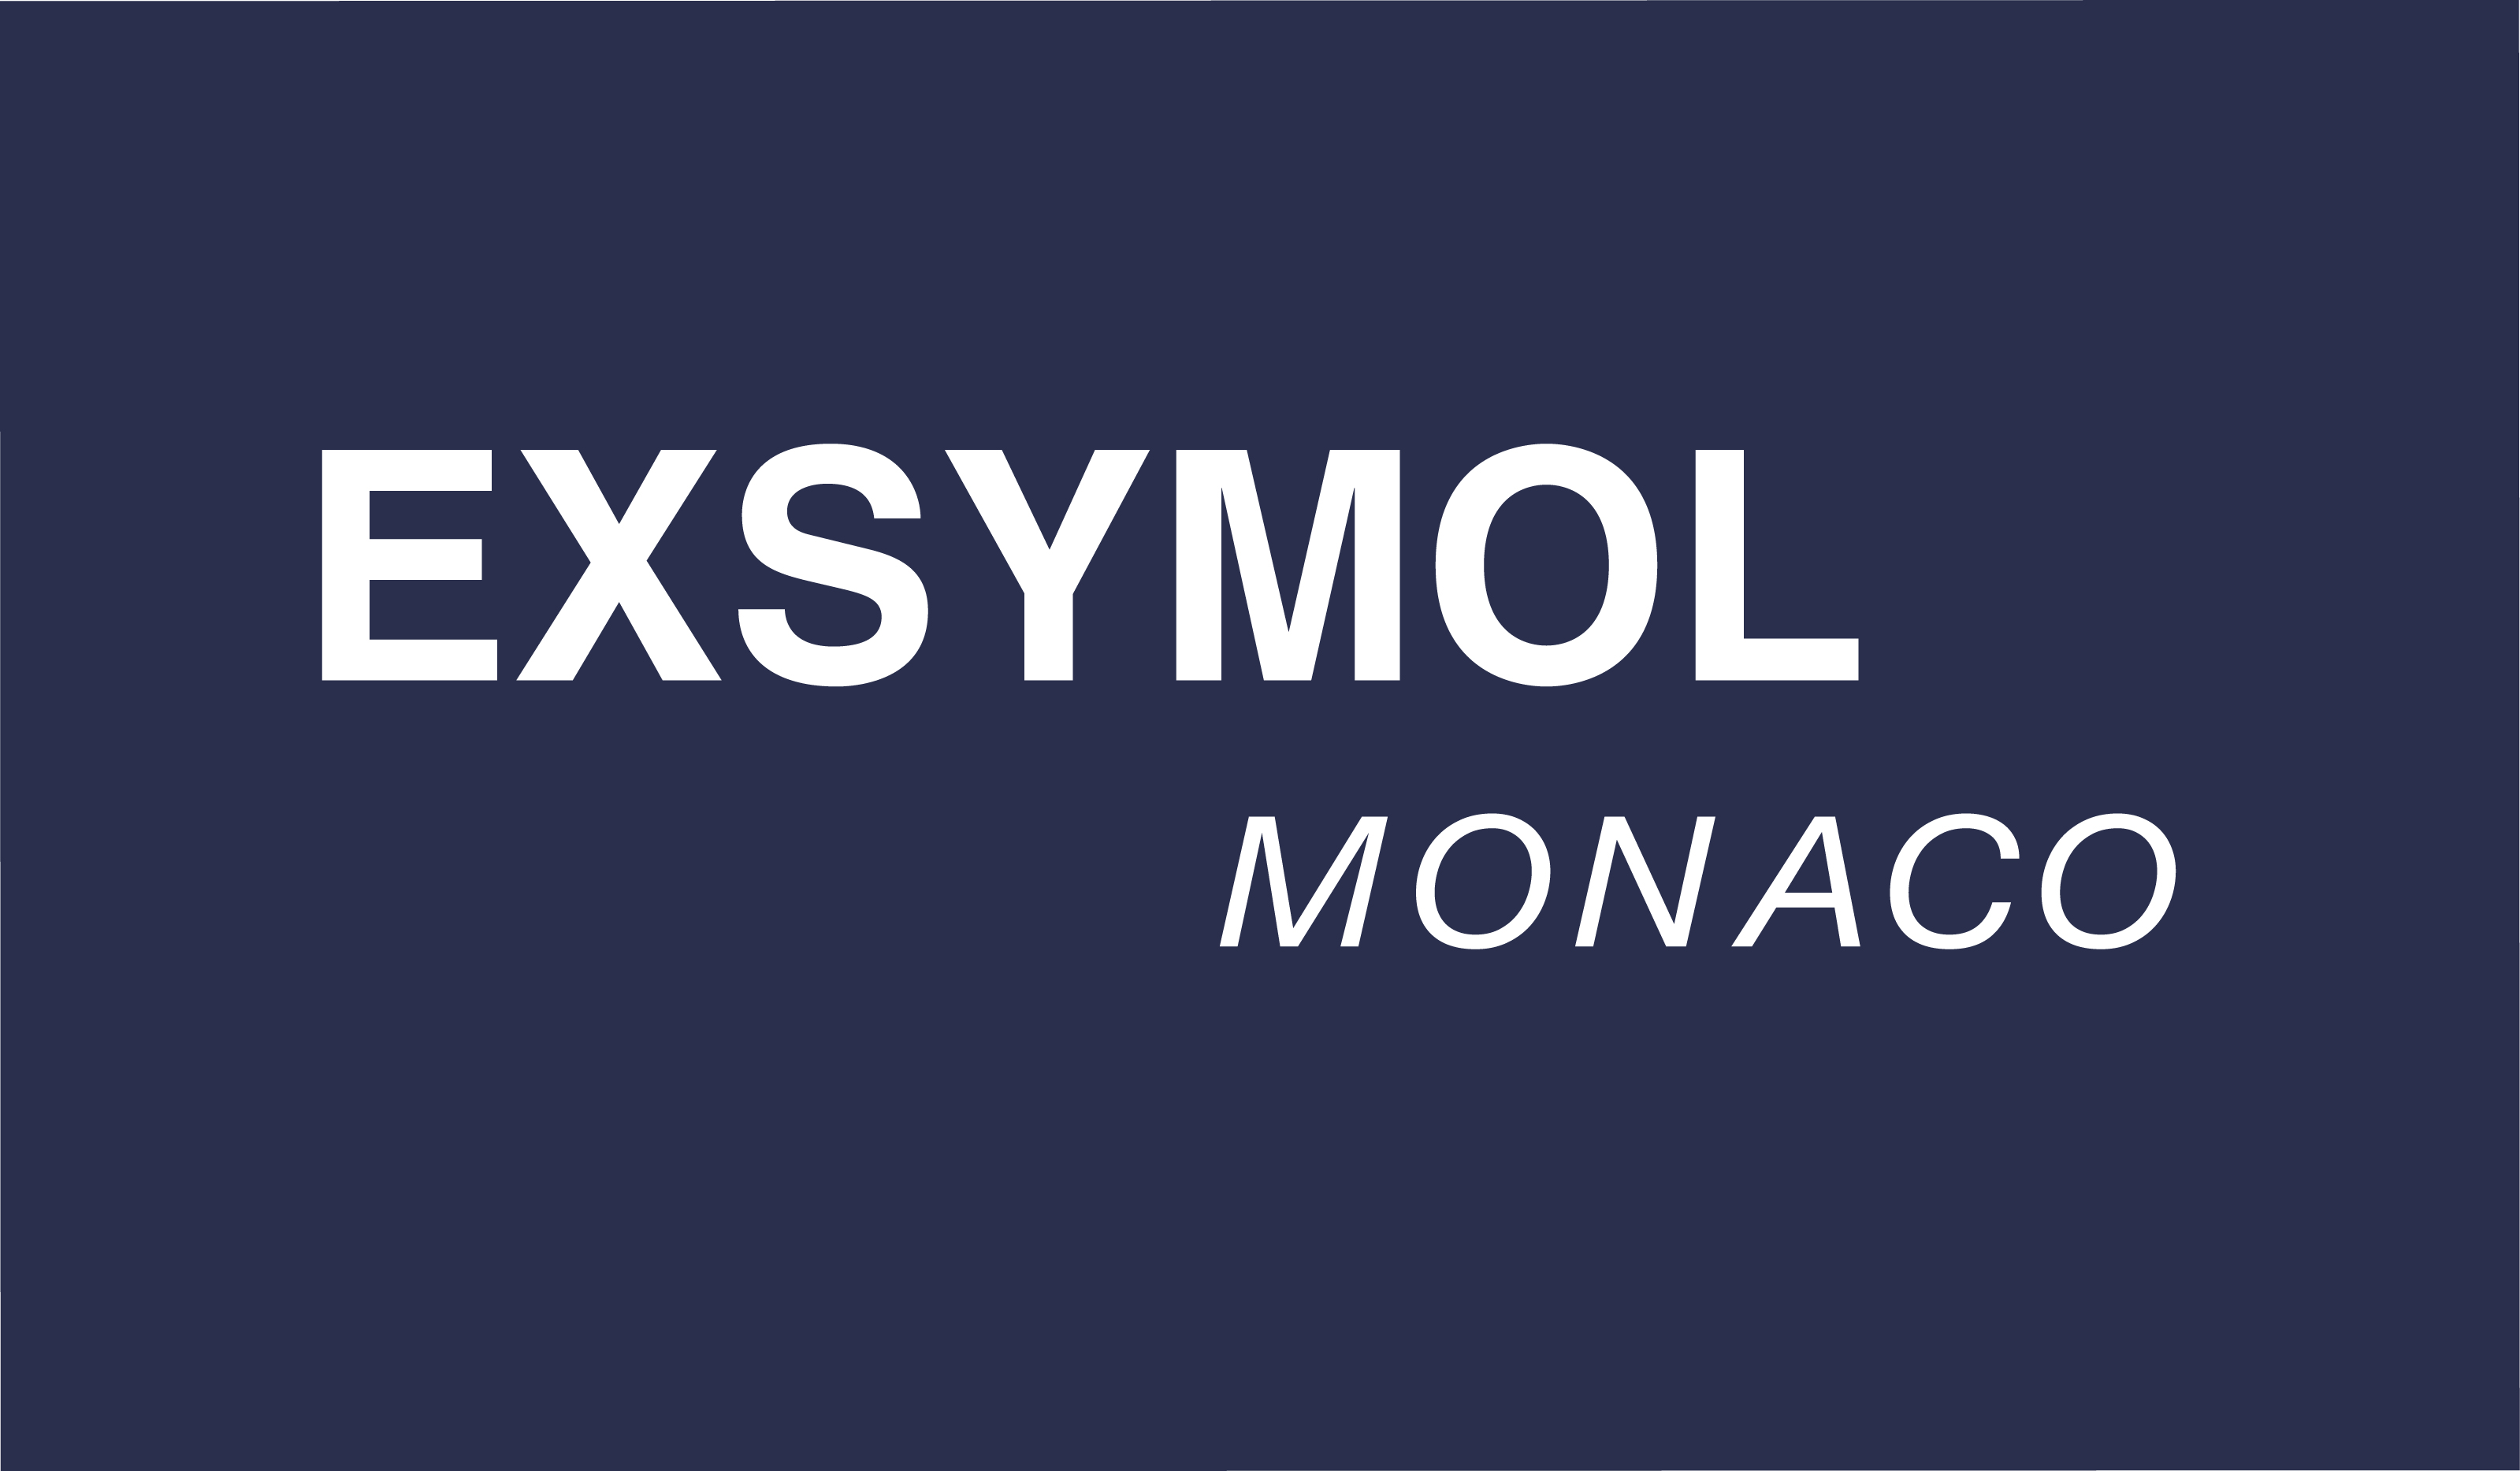 Exsymol